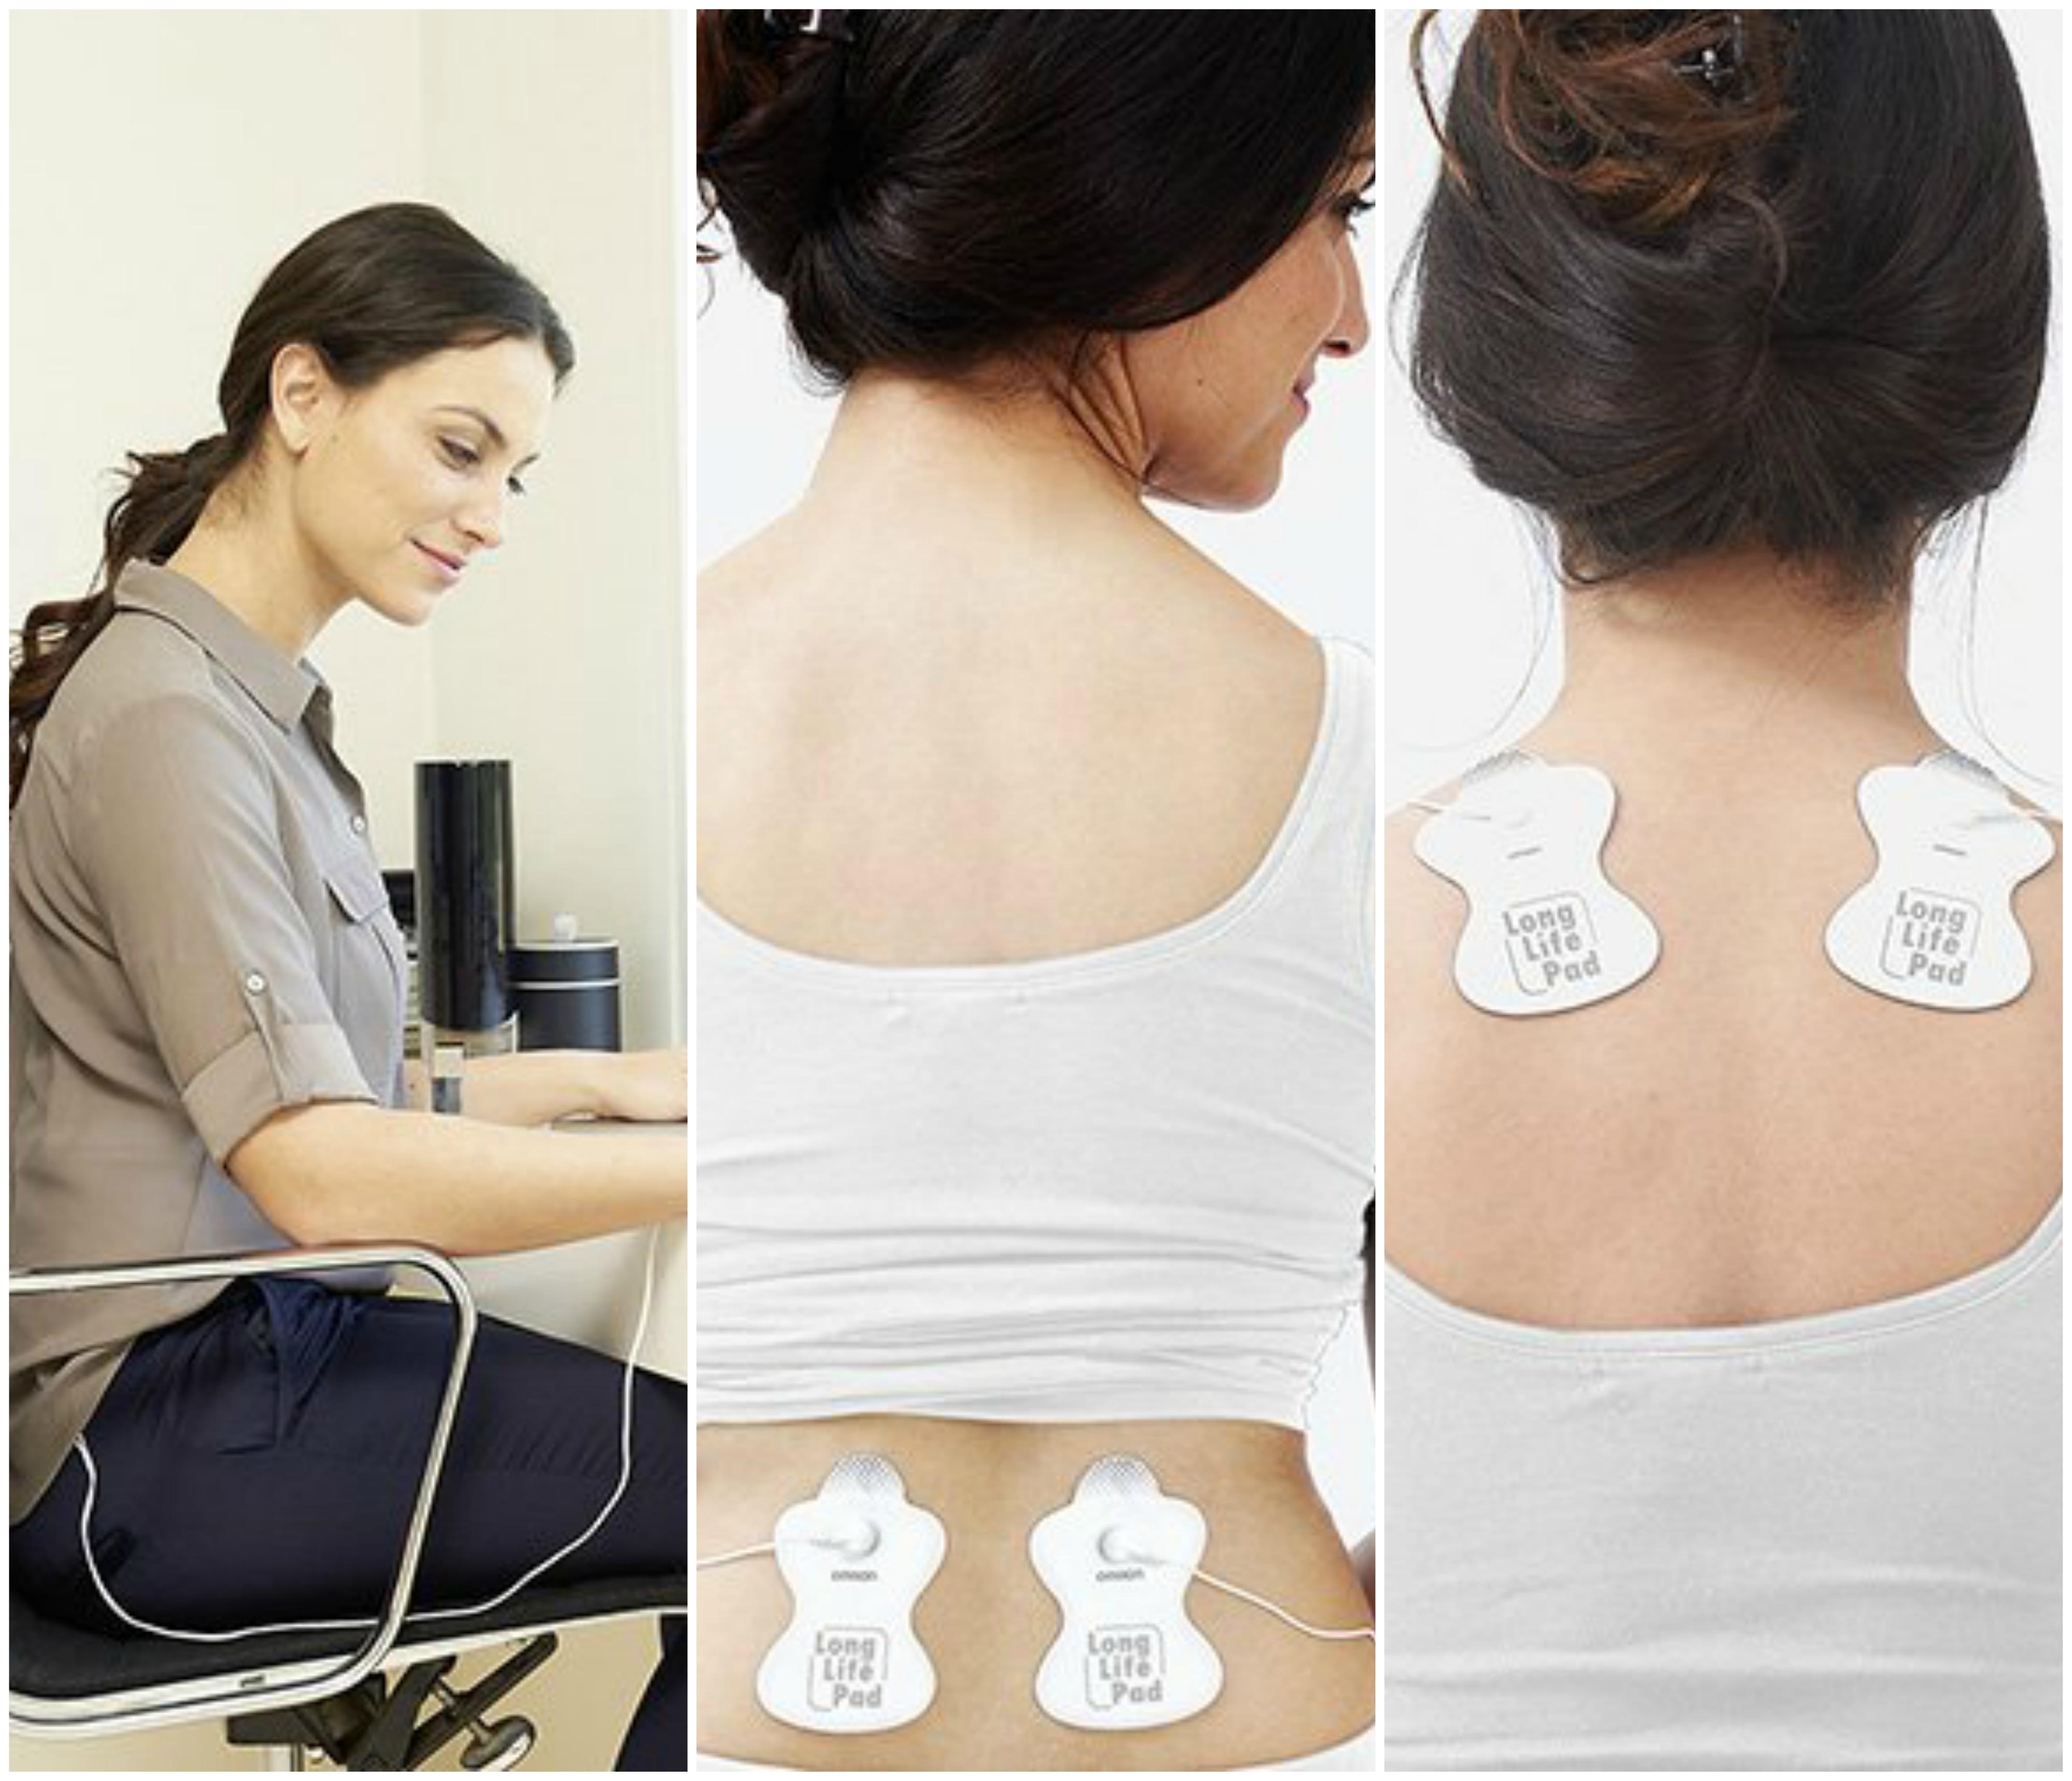 omron pocket pain pro manual